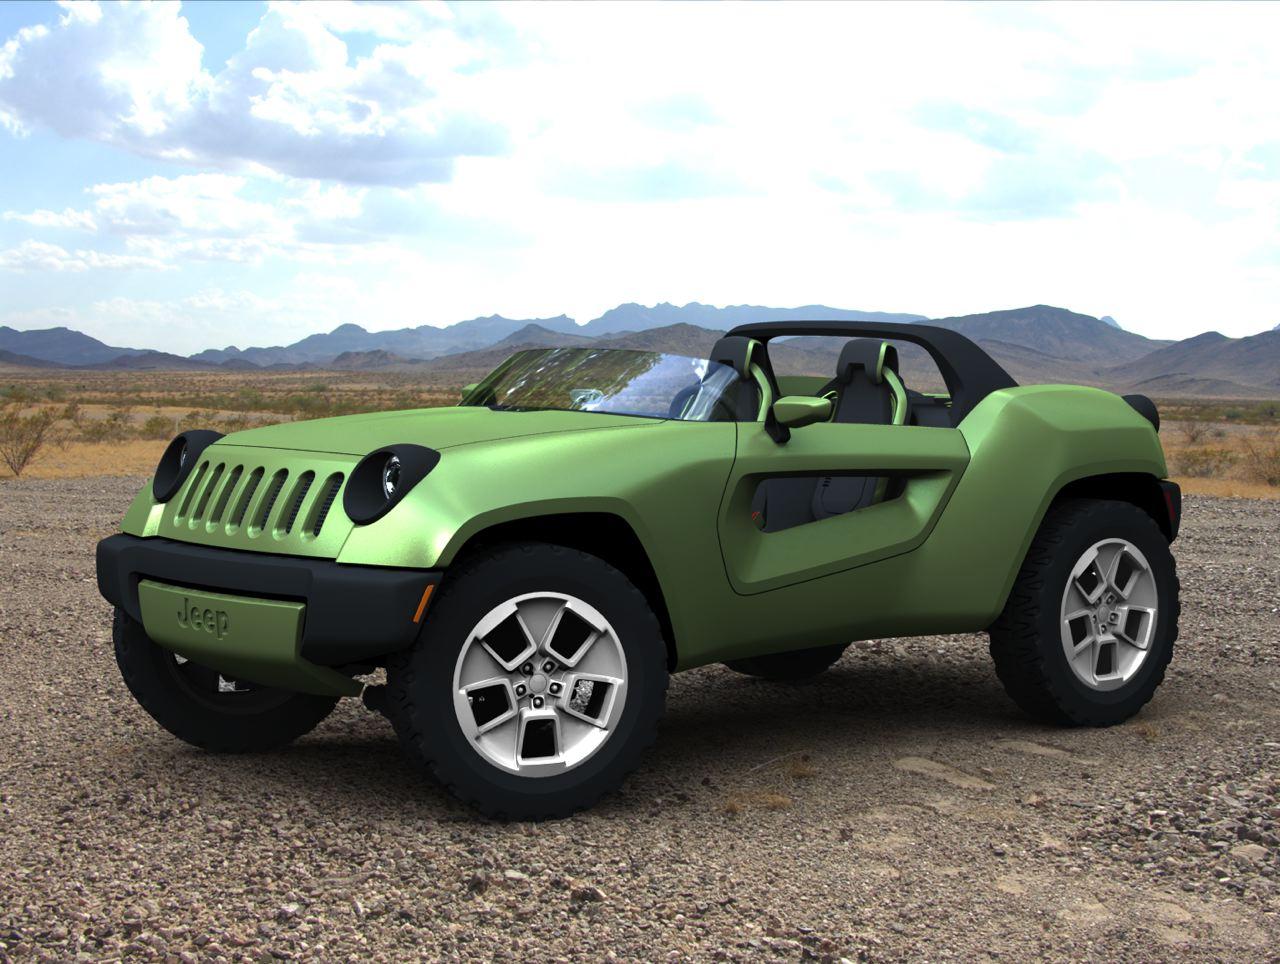 http://1.bp.blogspot.com/-l4Hs6oxDzHM/T974EUKbFnI/AAAAAAAAAFI/Lf0Osf3WFTQ/s1600/Wallpaper+HD+Jeep+Renegade.jpg